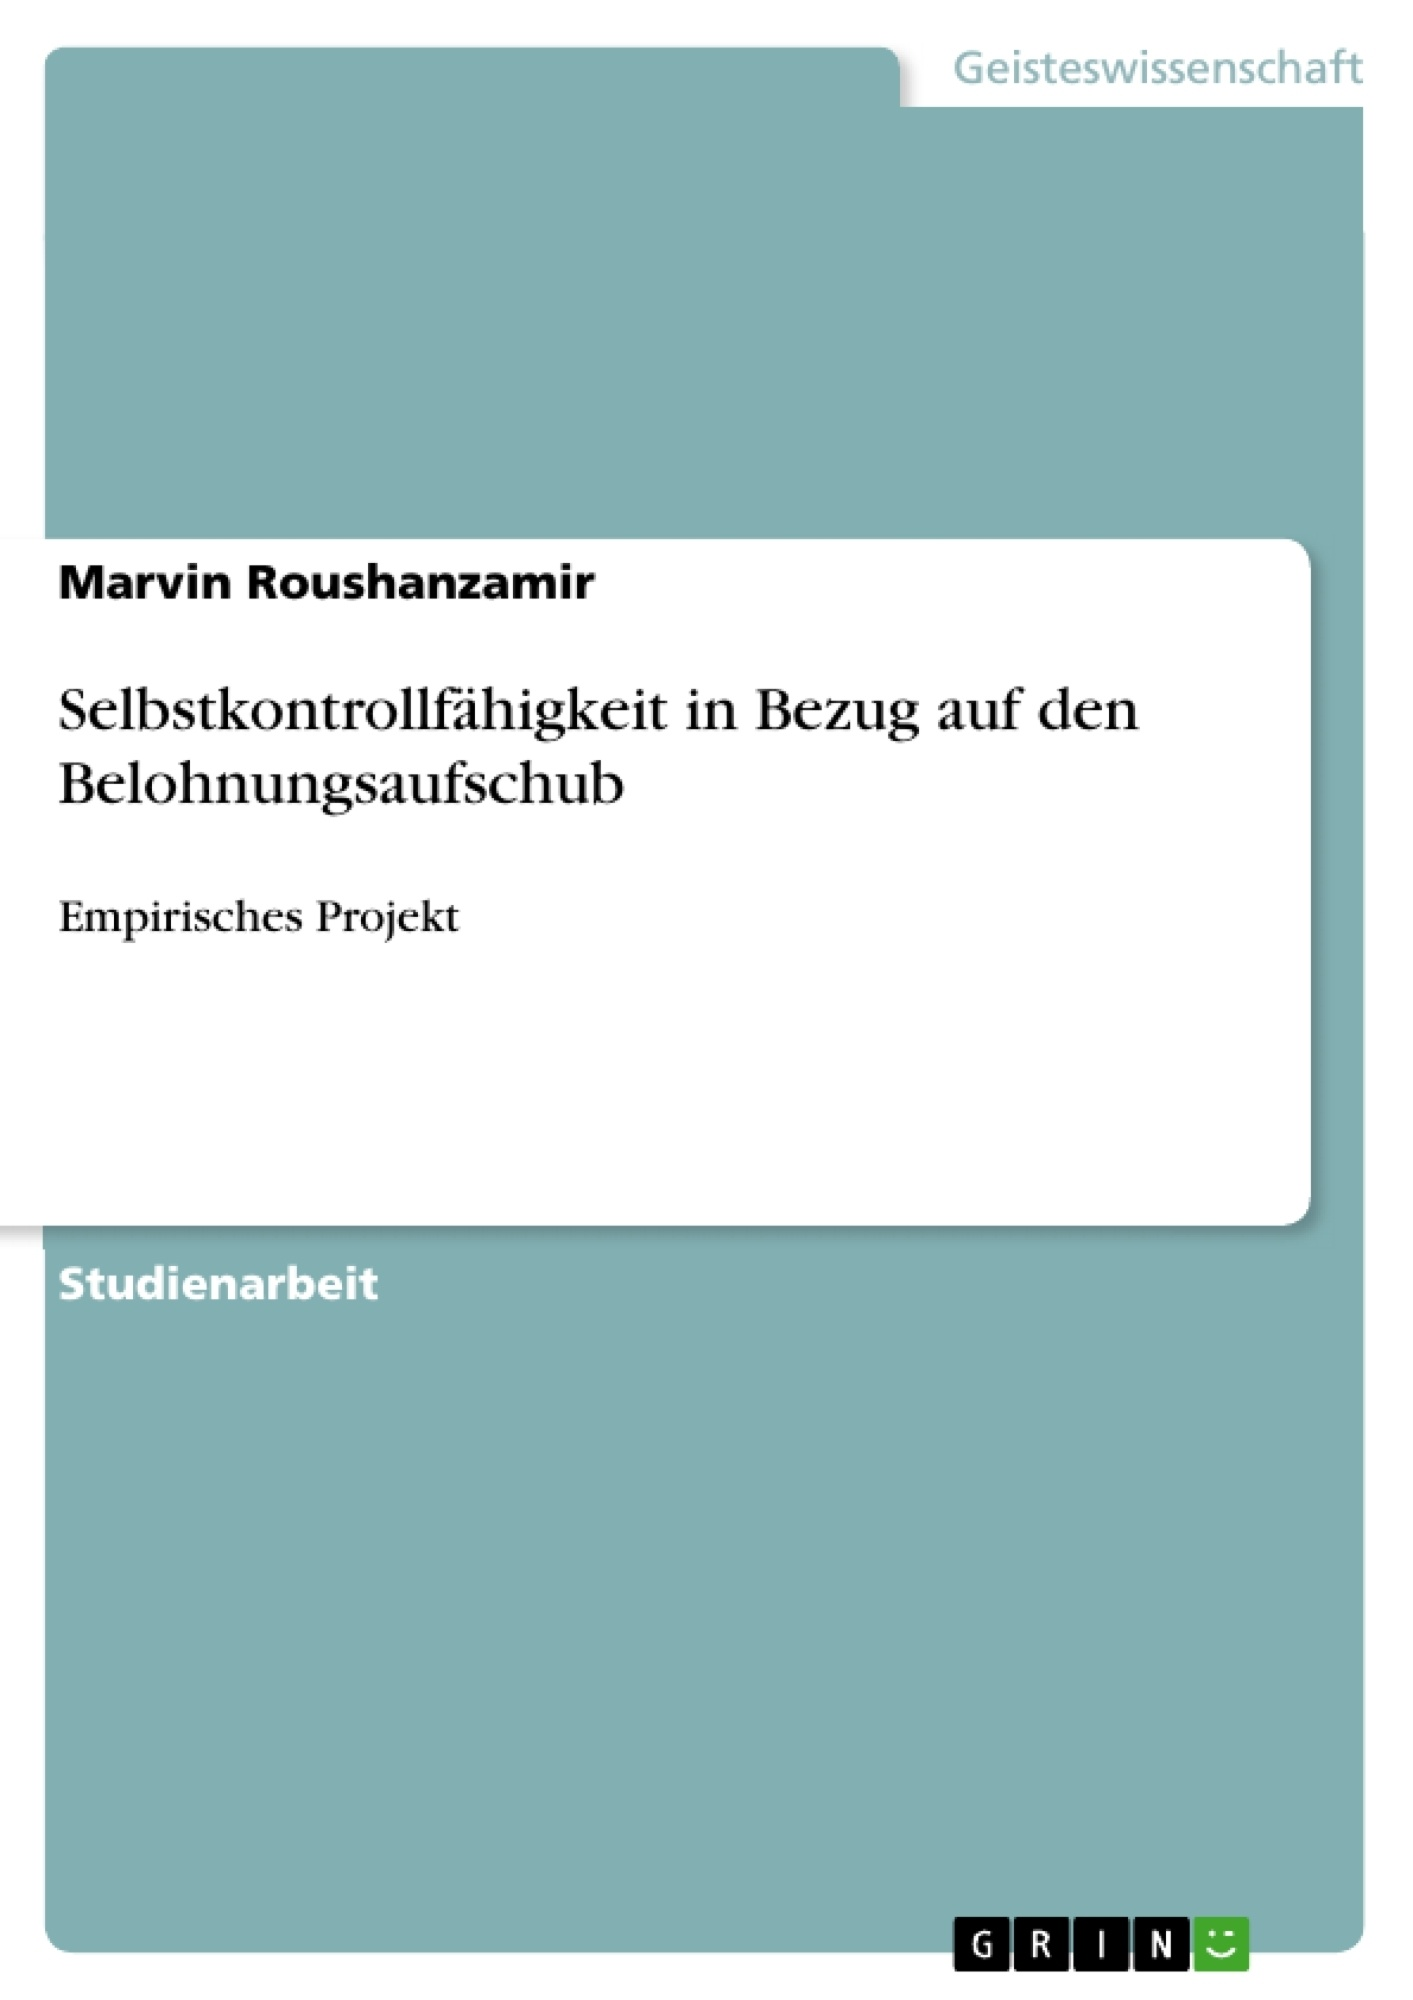 Titel: Selbstkontrollfähigkeit in Bezug auf den Belohnungsaufschub